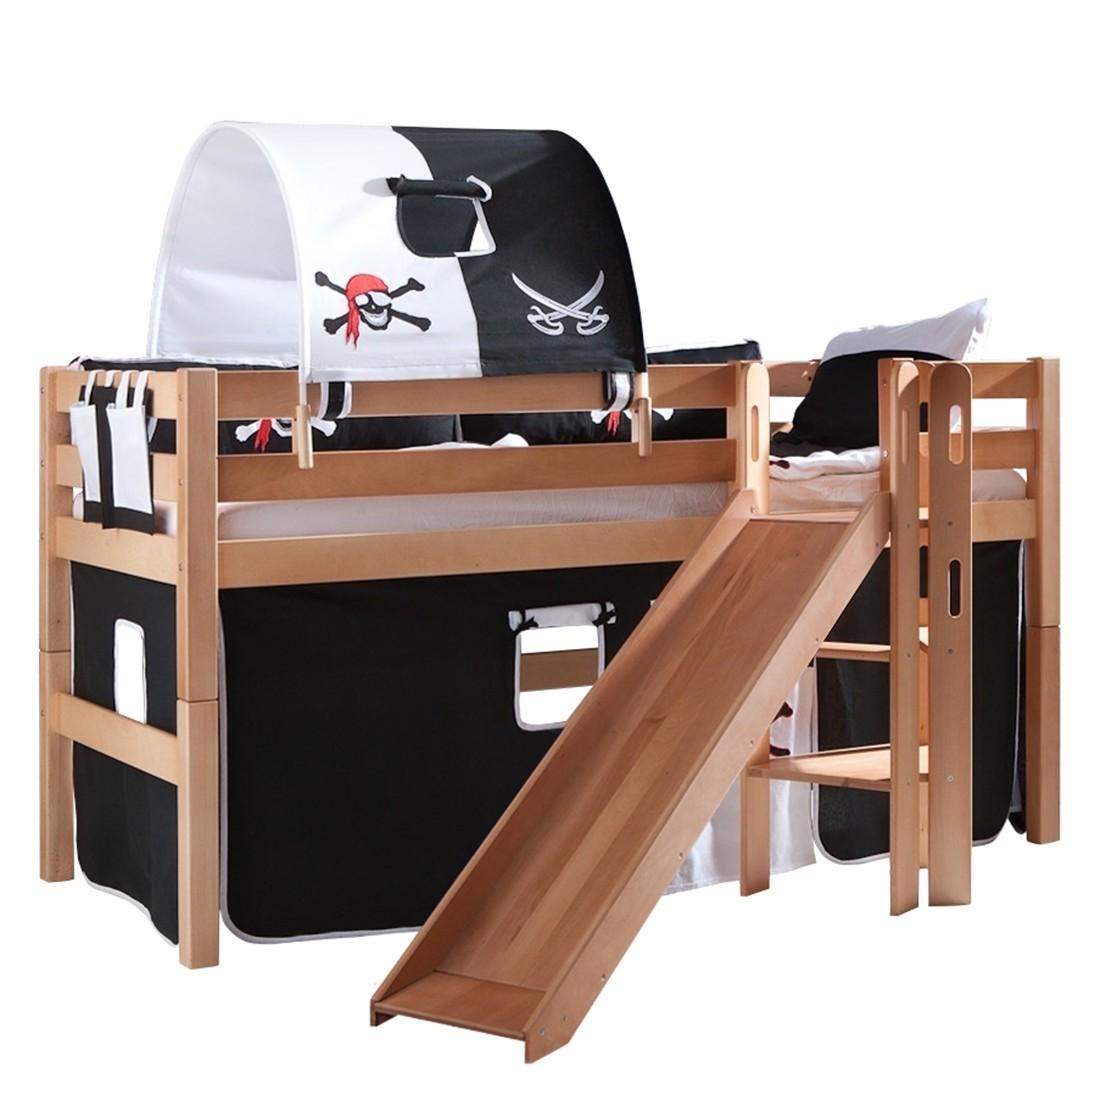 Spielbett Eliyas - mit Rutsche, Vorhang, Tunnel und Tasche - Buche natur/Textil Pirat, Relita